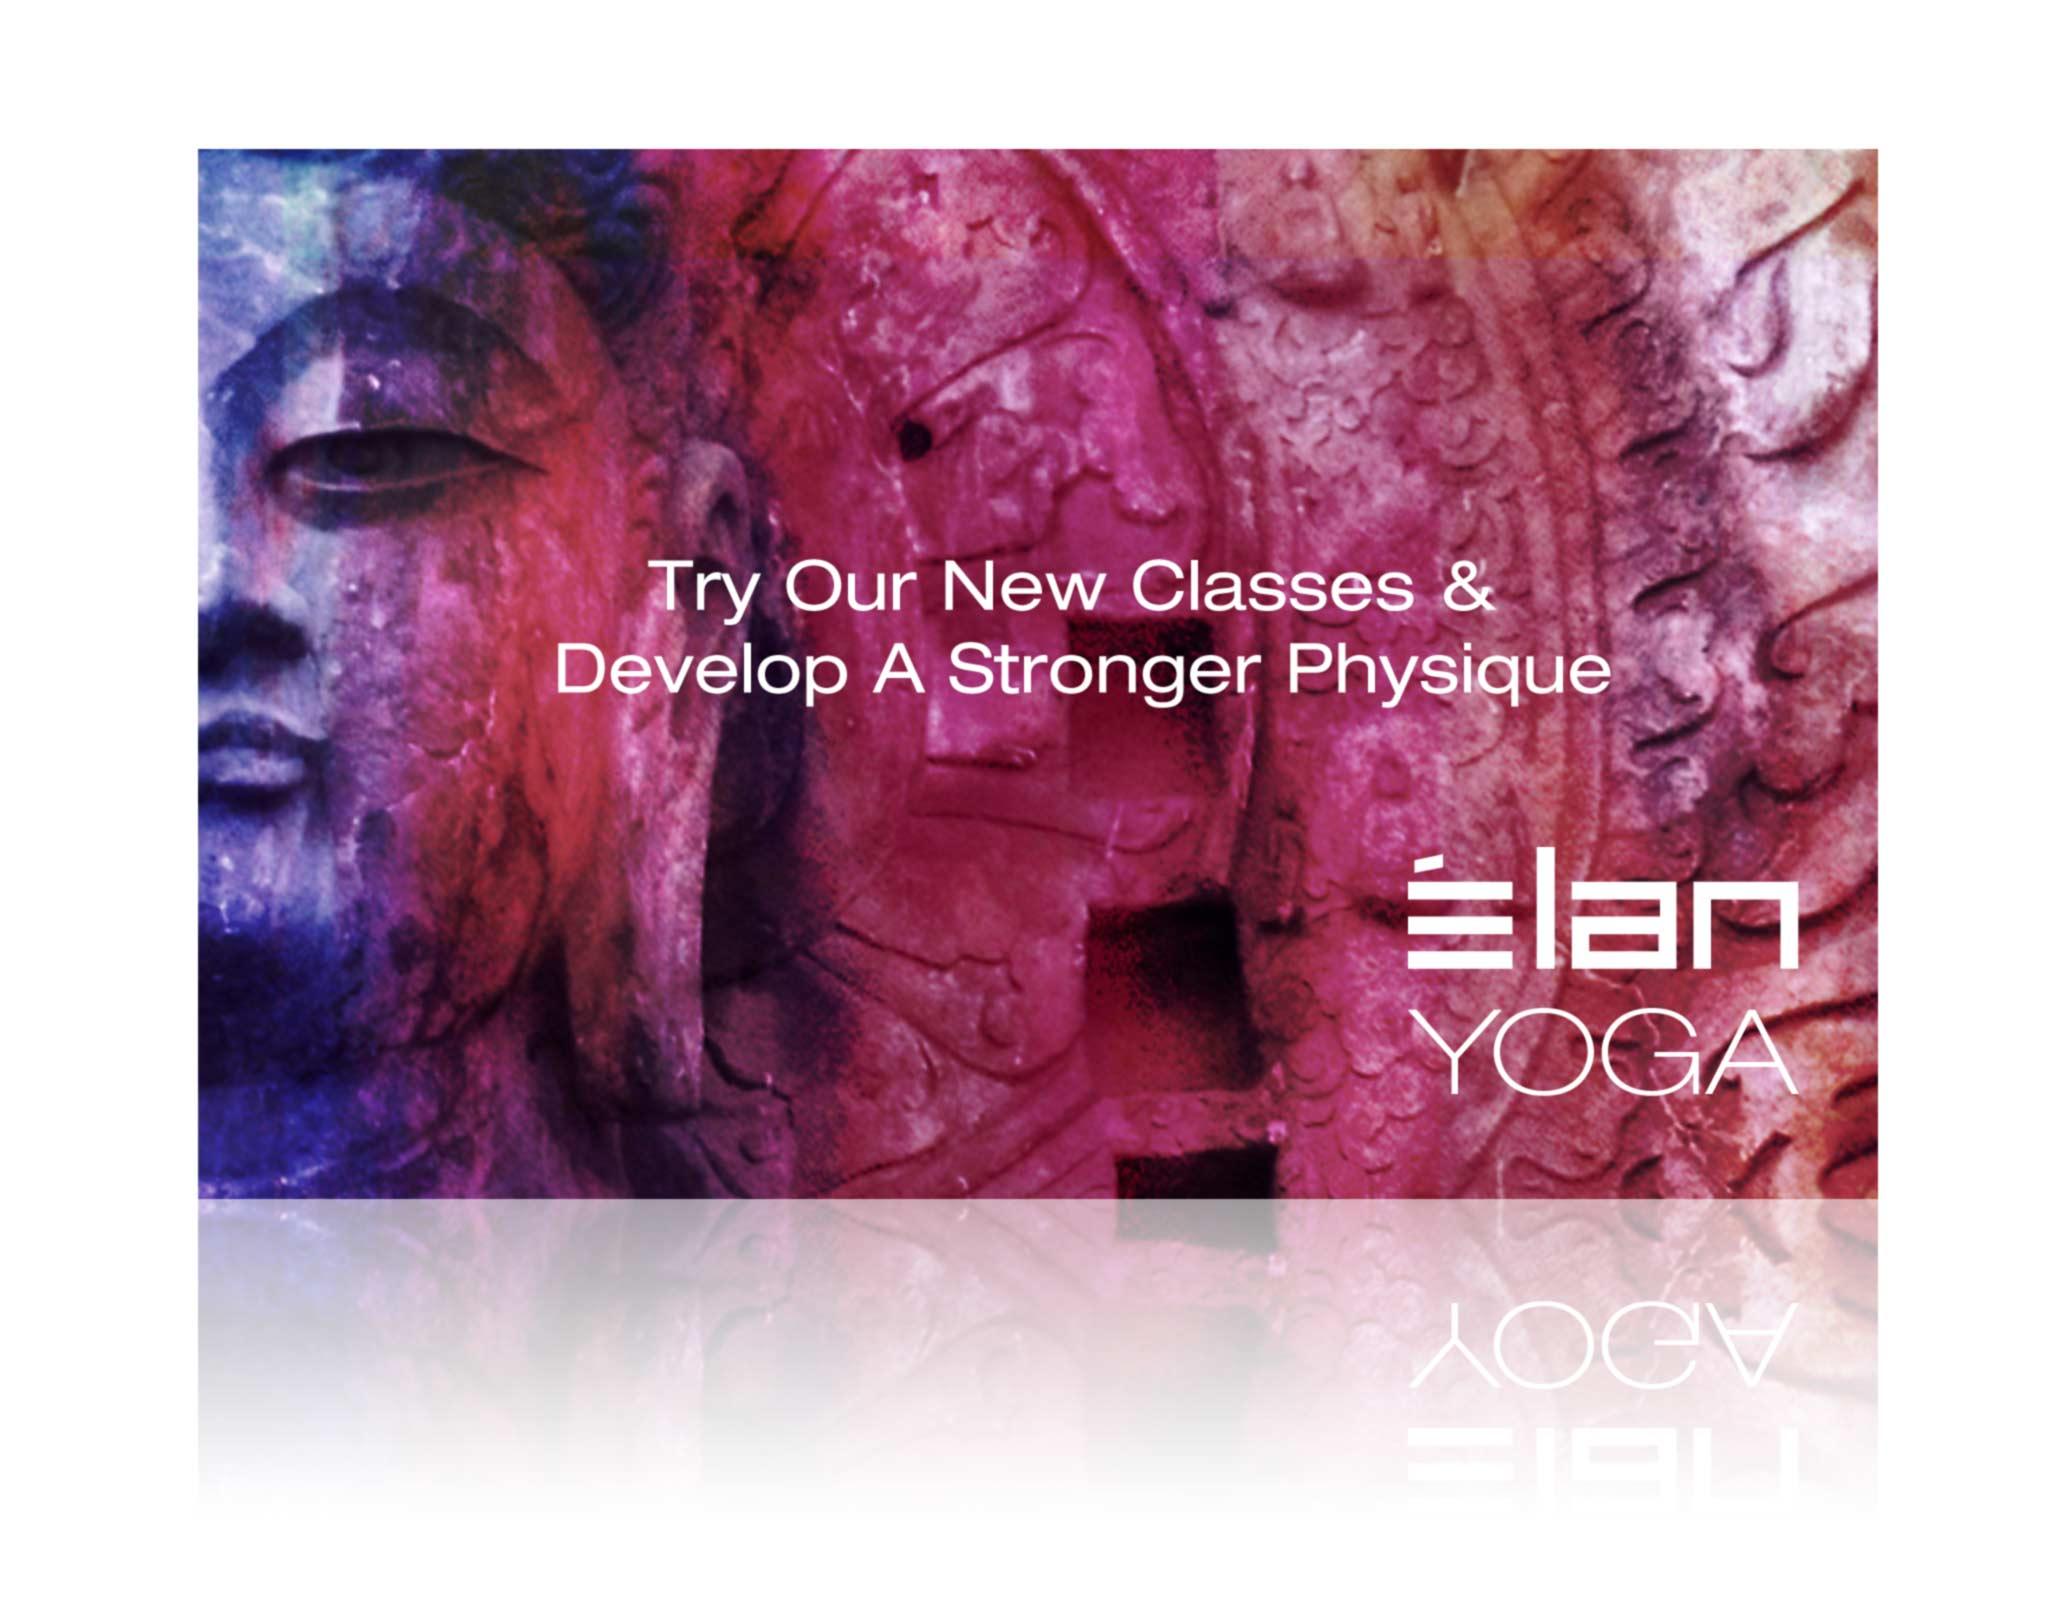 Elan Yoga Local Ads